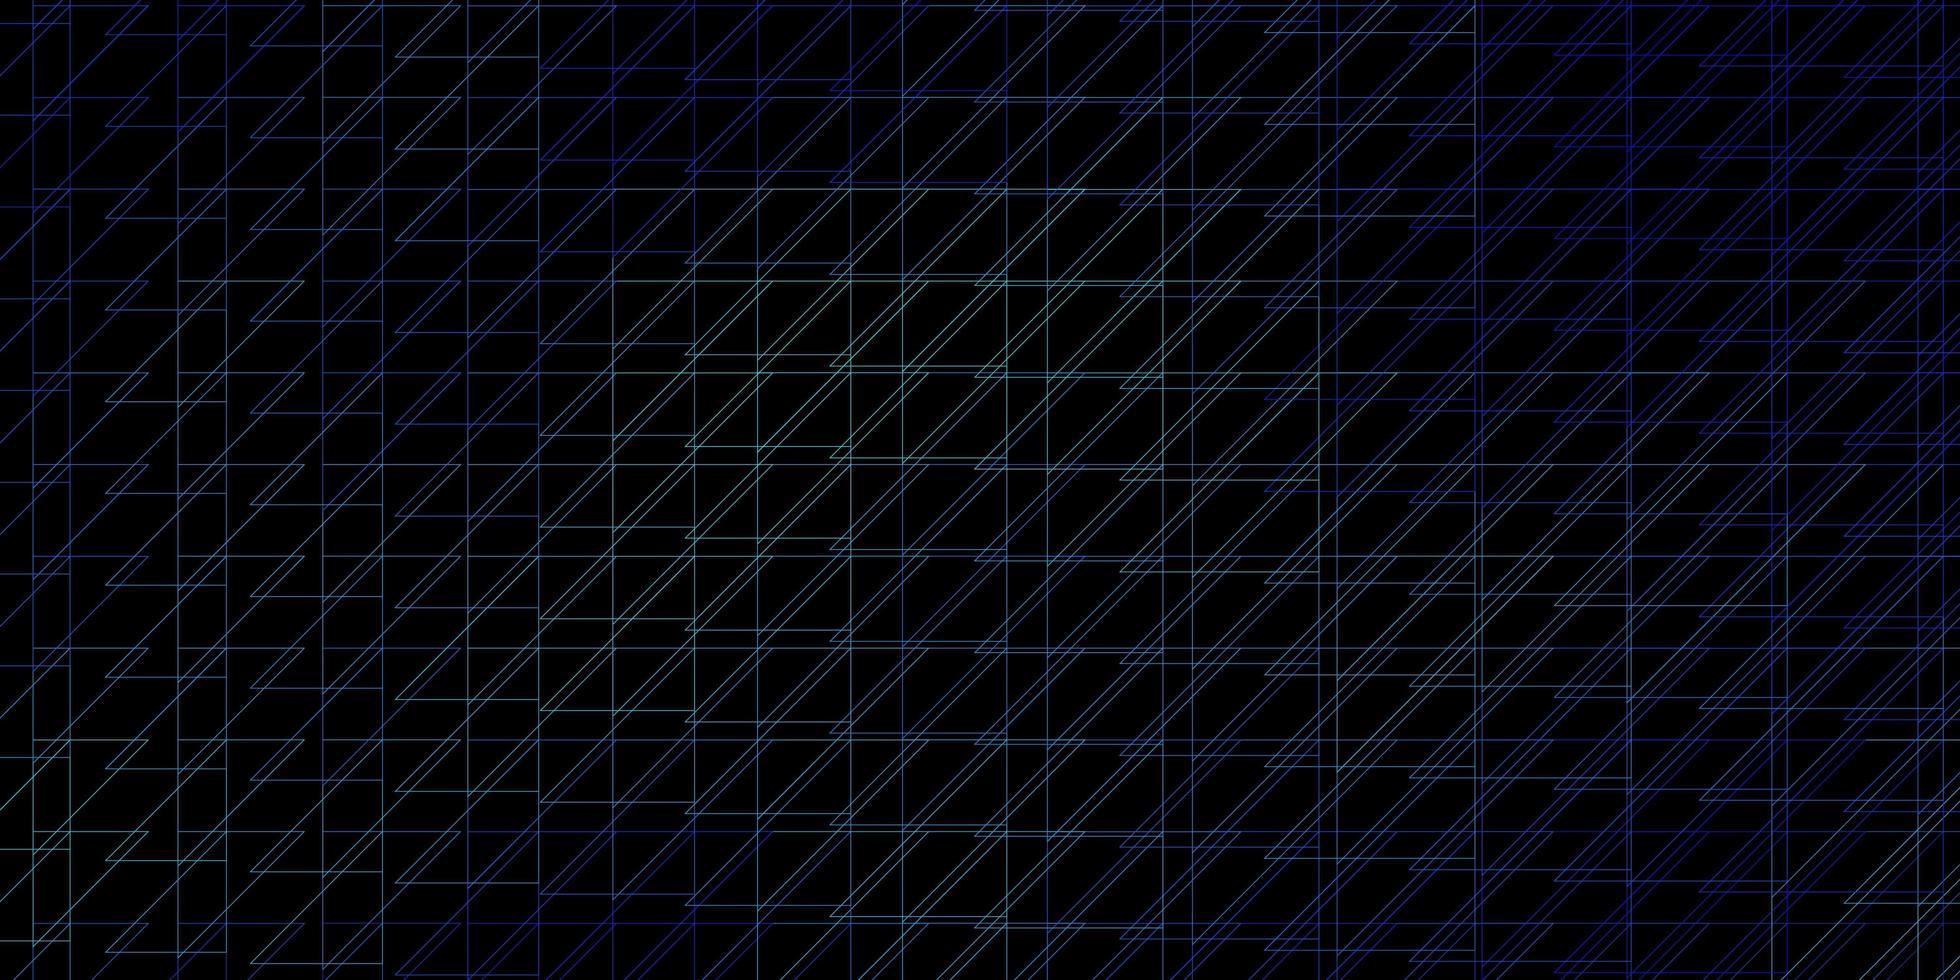 diseño oscuro con líneas azules. vector